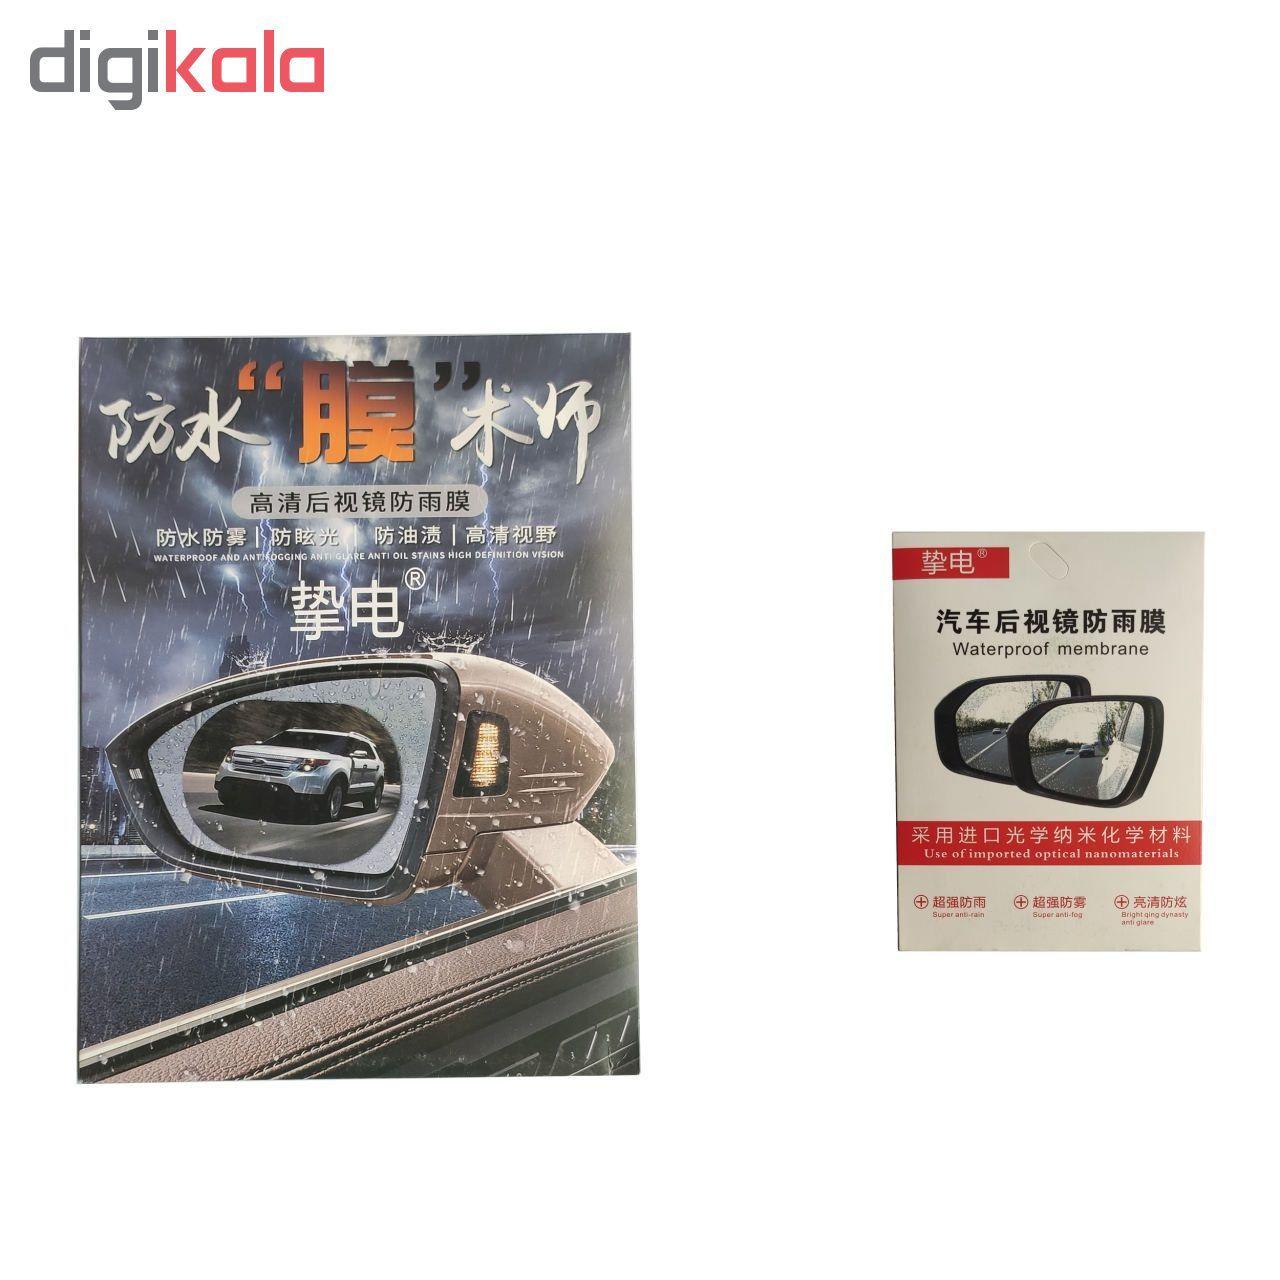 برچسب و محافظ ضد آب شیشه و  آینه خودرو مدل HD01 مجموعه 4عددی main 1 7